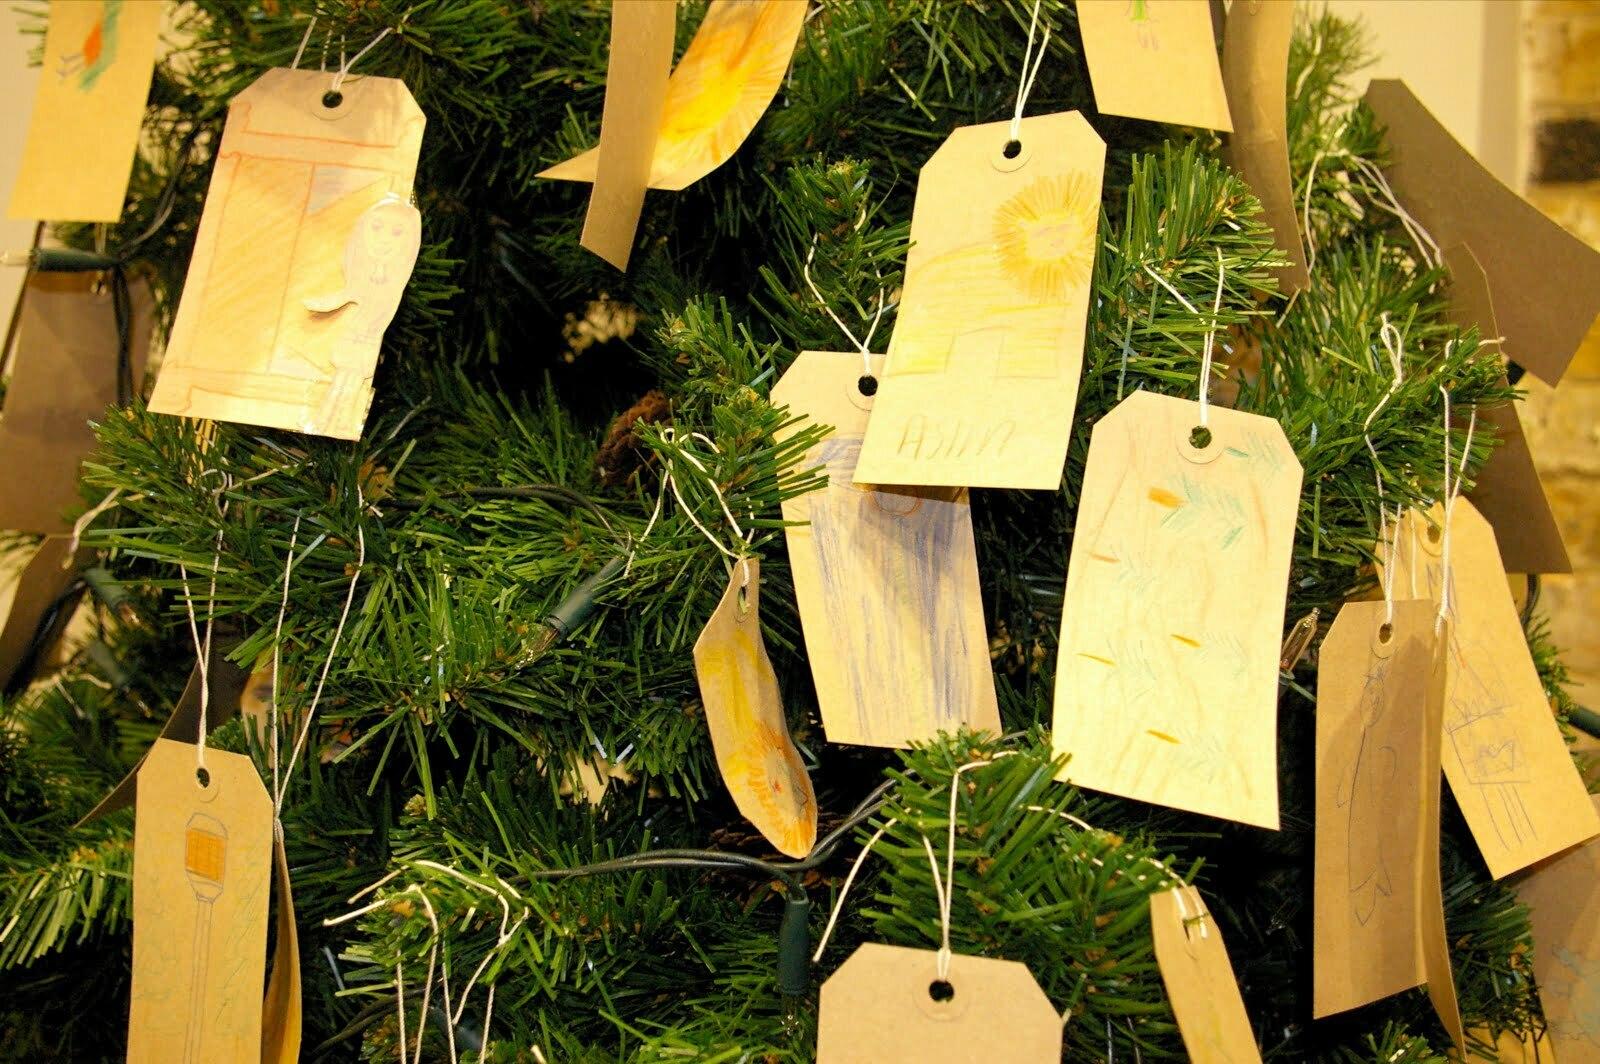 Feestdagen Natuurlijke Kerstdecoratie : Acht ideeën voor duurzame kerstversiering hetkanwel